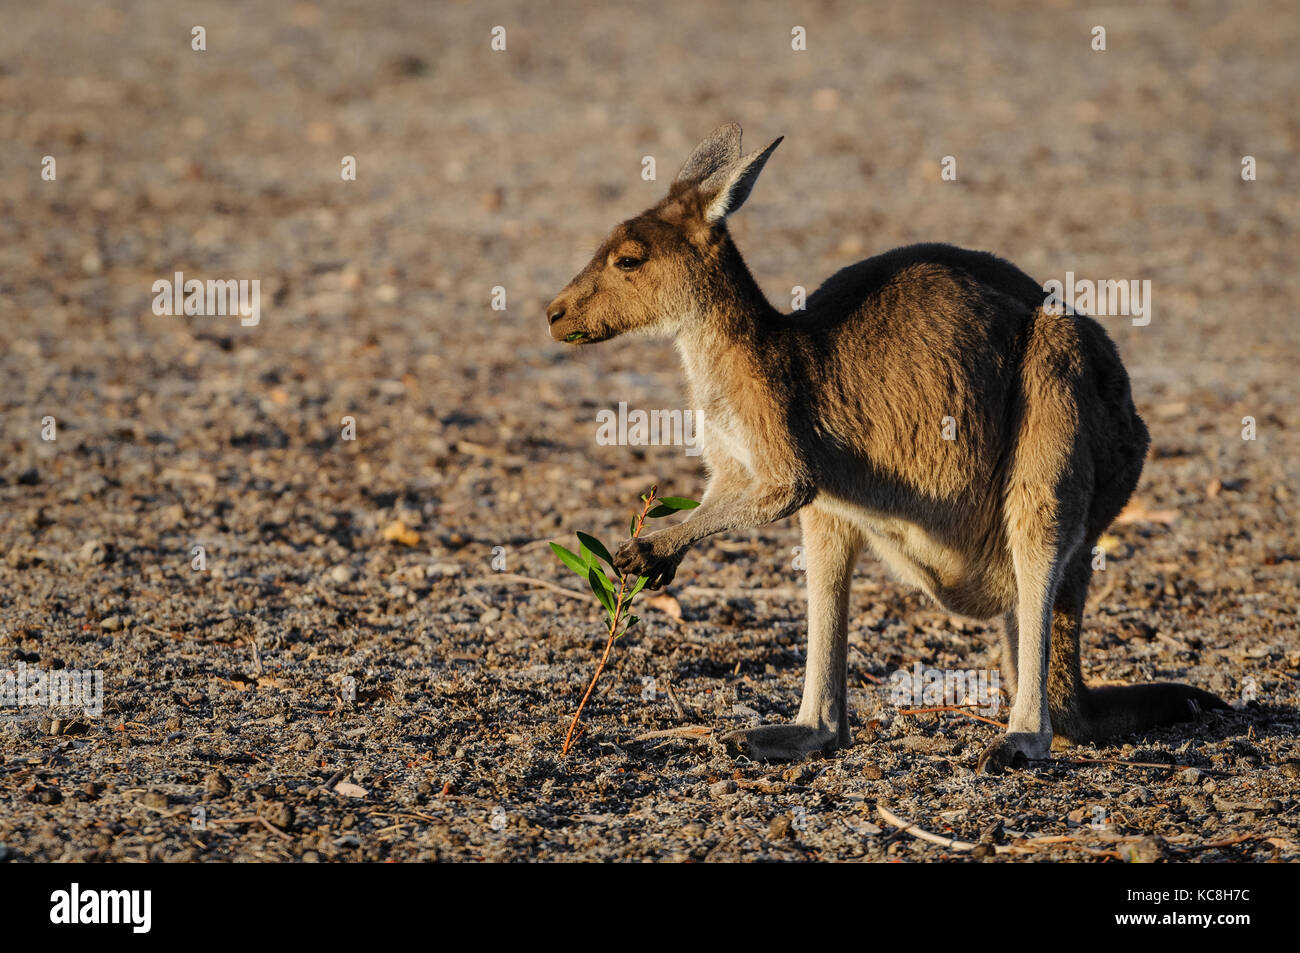 Kangourou gris de l'Ouest qui se nourrissent de la dernière dans une verte plaine à sec de l'os. Photo Stock